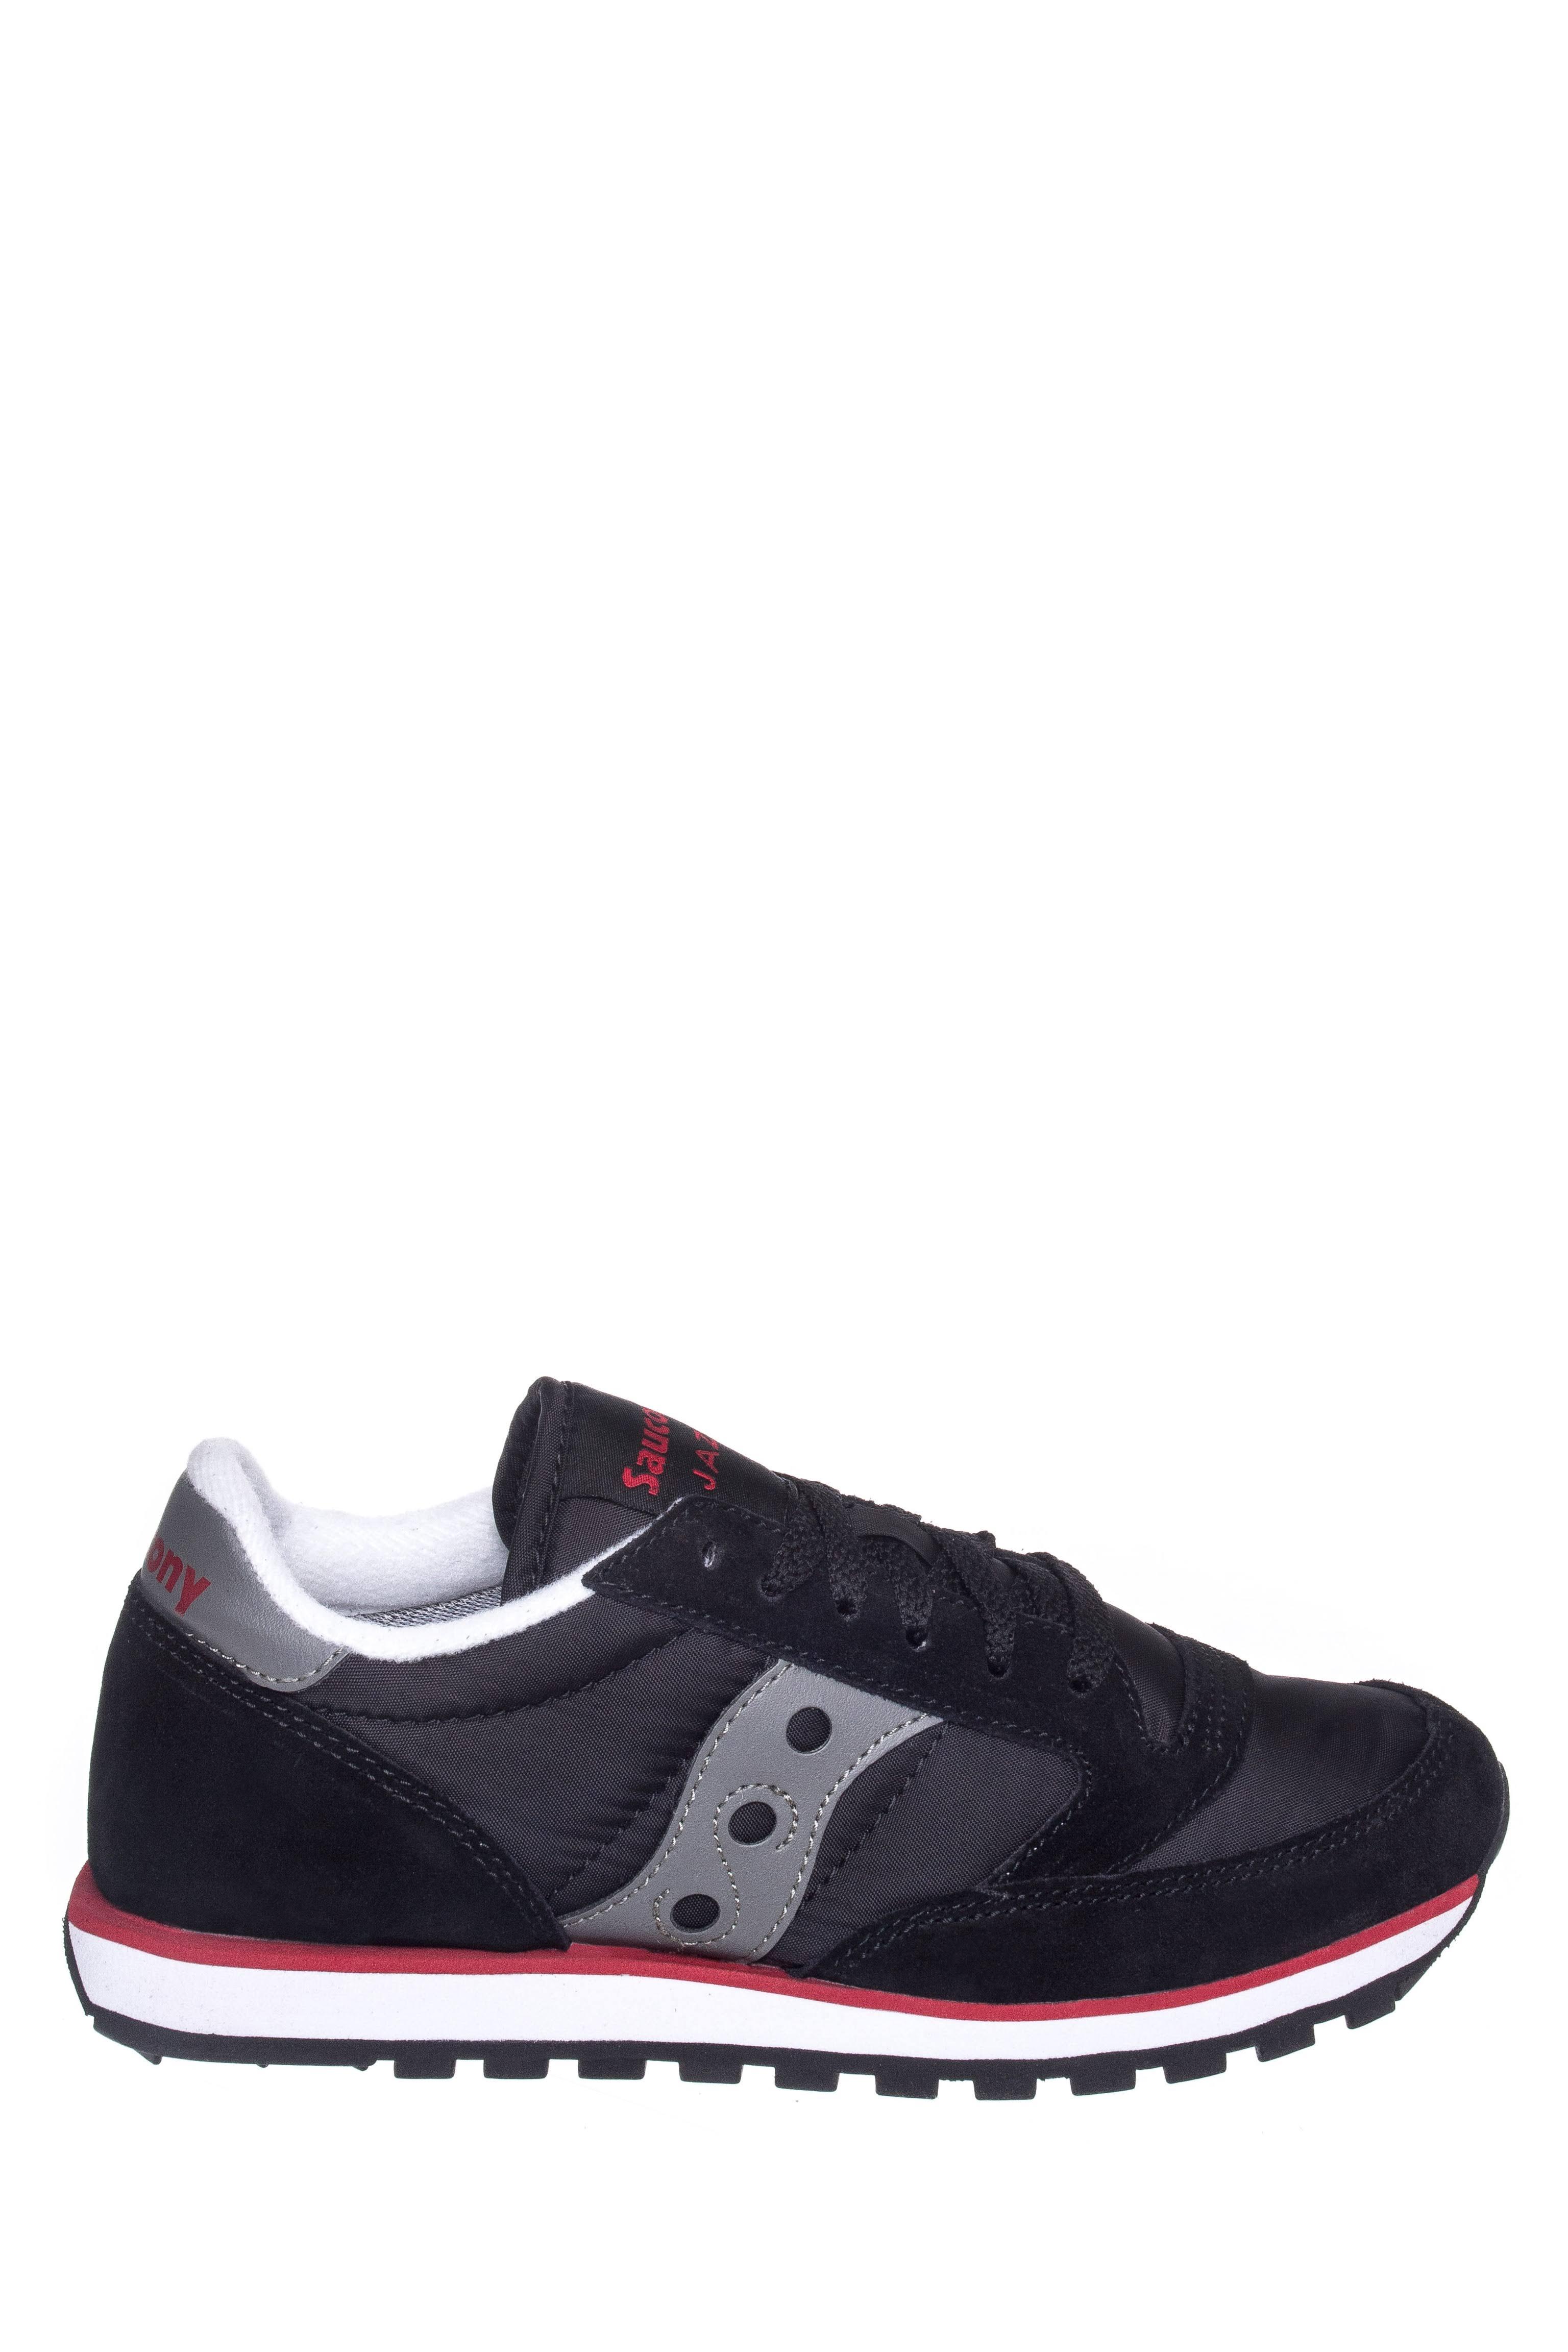 Low Donna 6 Taglia ProNeroRosso Sneaker Da Jazz 5 Saucony Atletica tQdsCrh